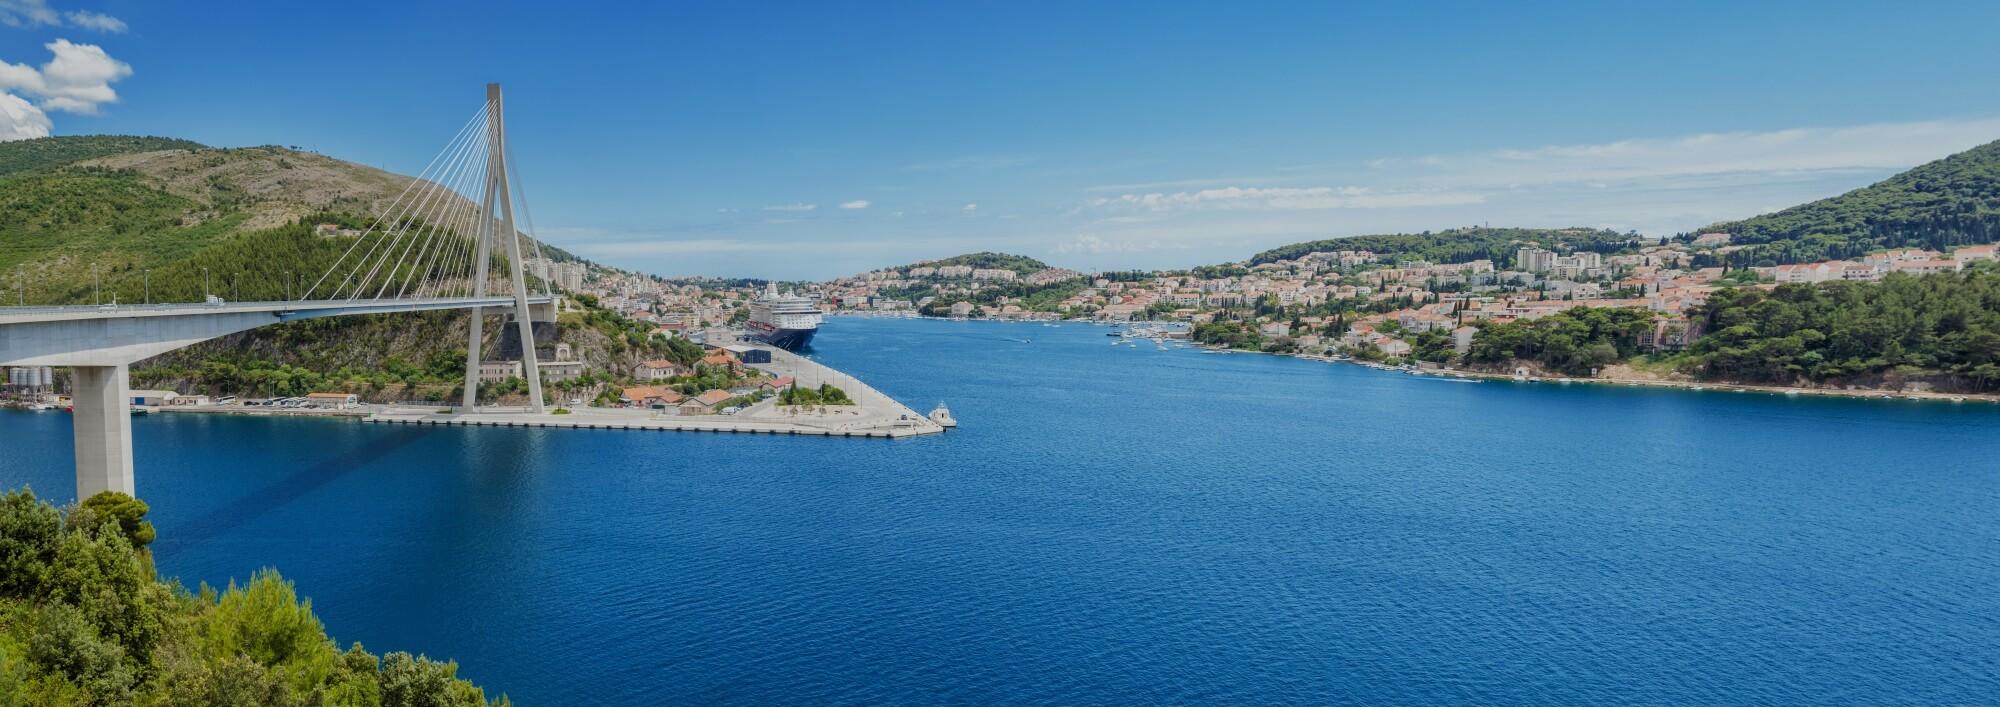 panoramic view tudman bridge